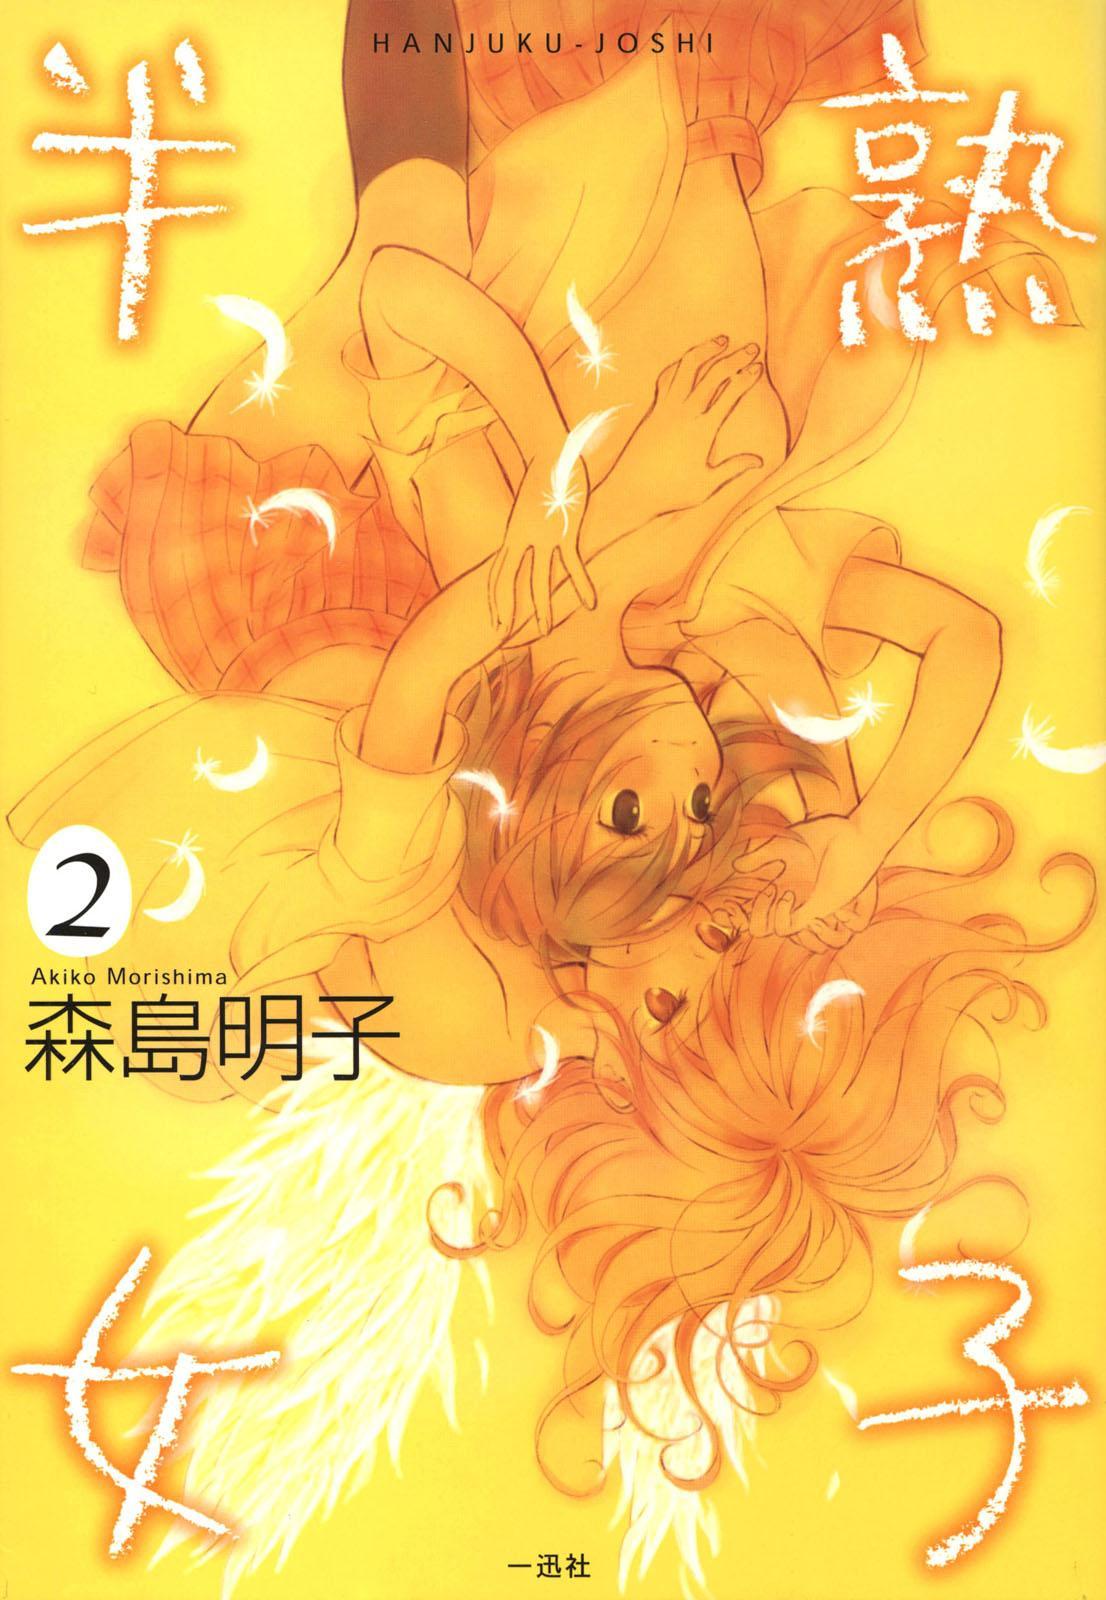 Hanjuku Joshi 2 0